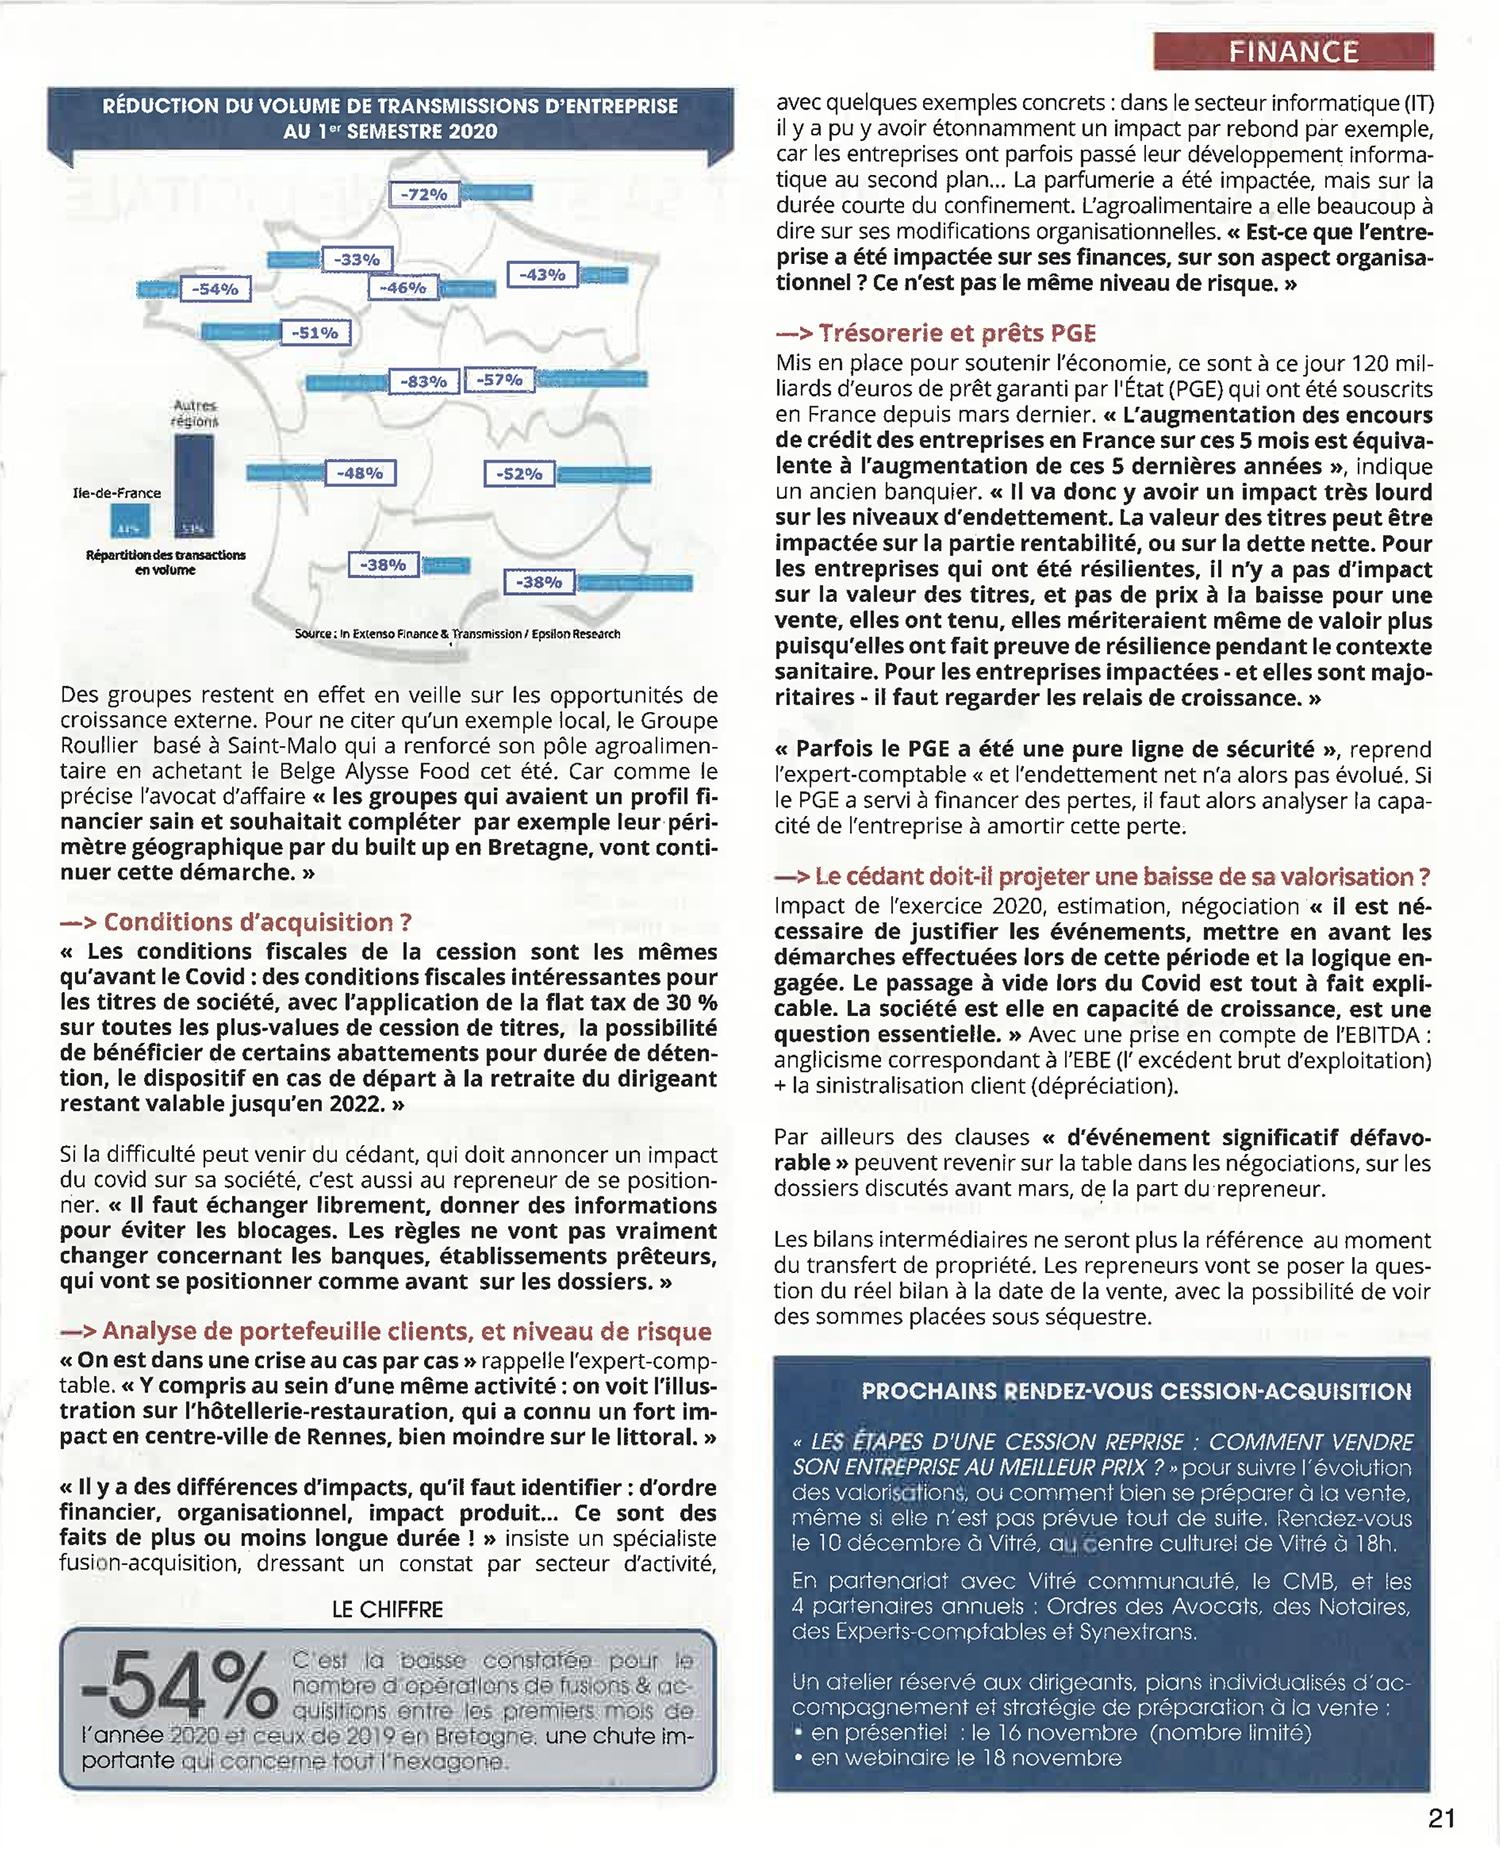 Transmission acquisition entreprise